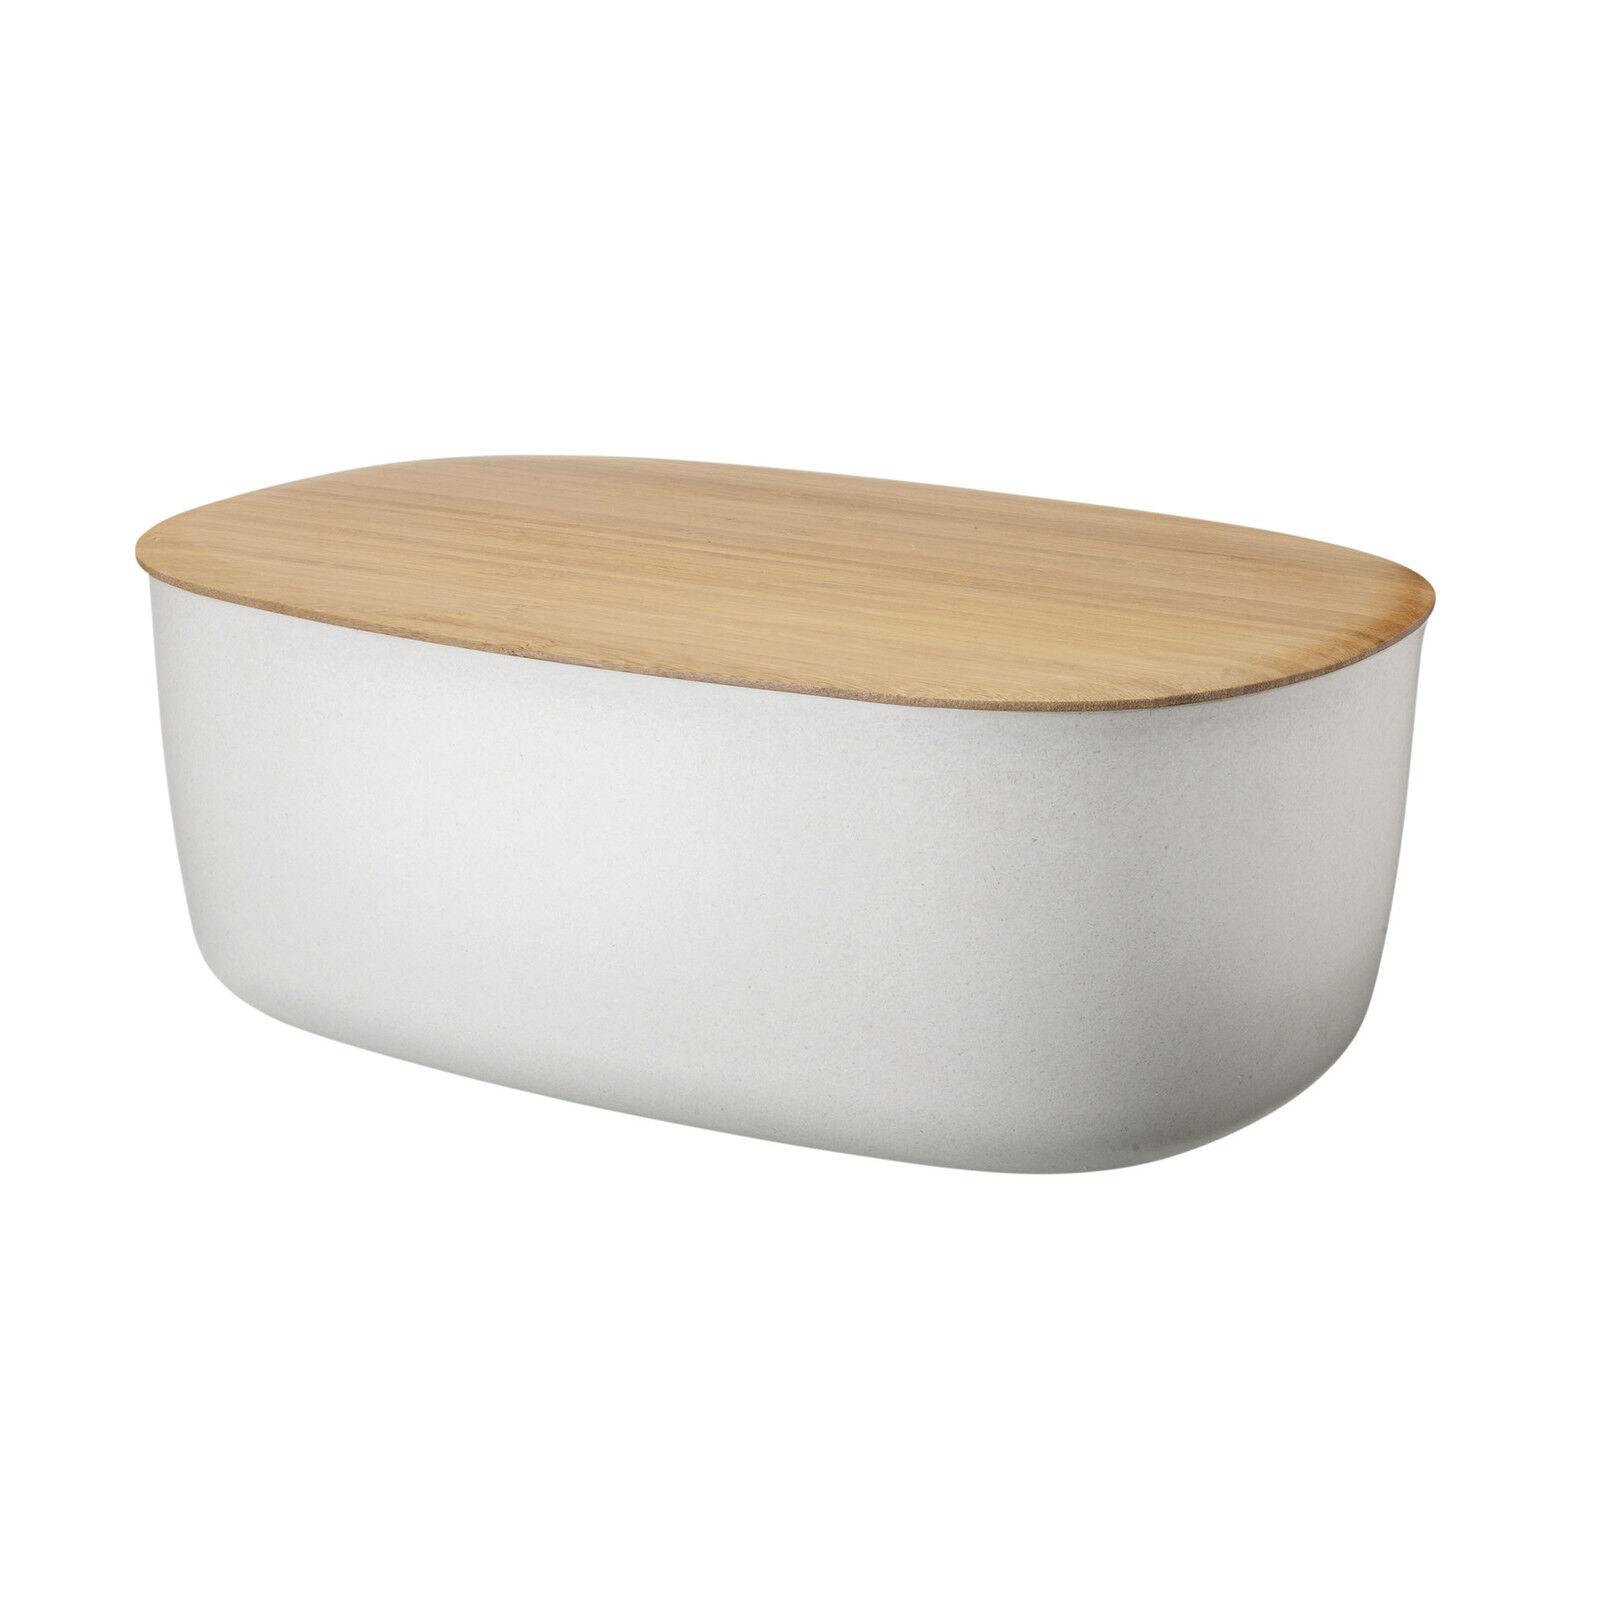 Stelton Box-it Brotkasten weiß weiß 34,5 x 22,7 cm, h h h 12,3 cm b3e148